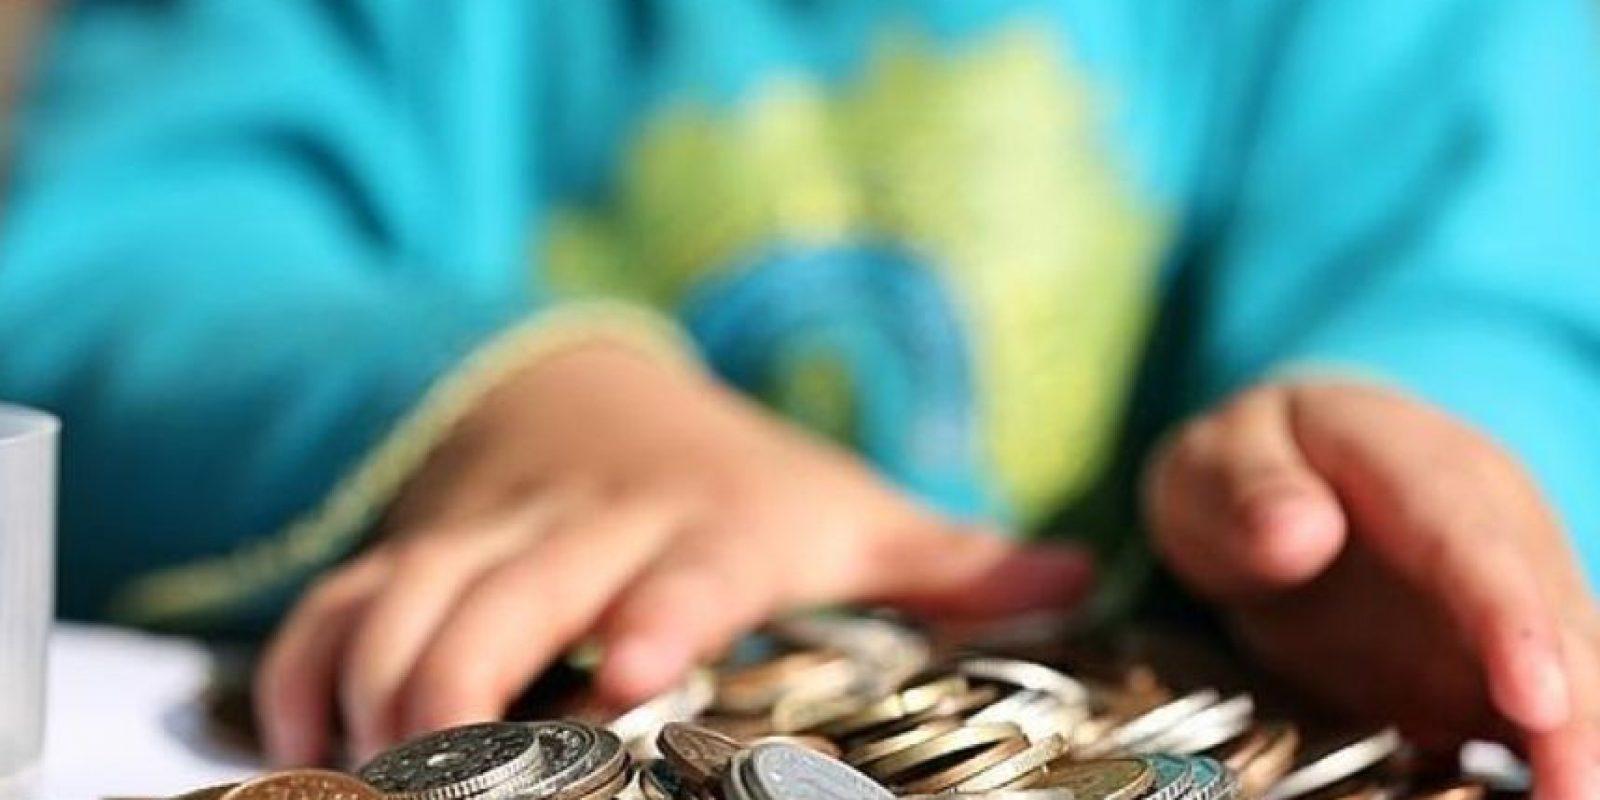 """""""Las comparaciones estaban presentes todo el tiempo"""" Foto:Tumbr.com/Tagged-dinero"""